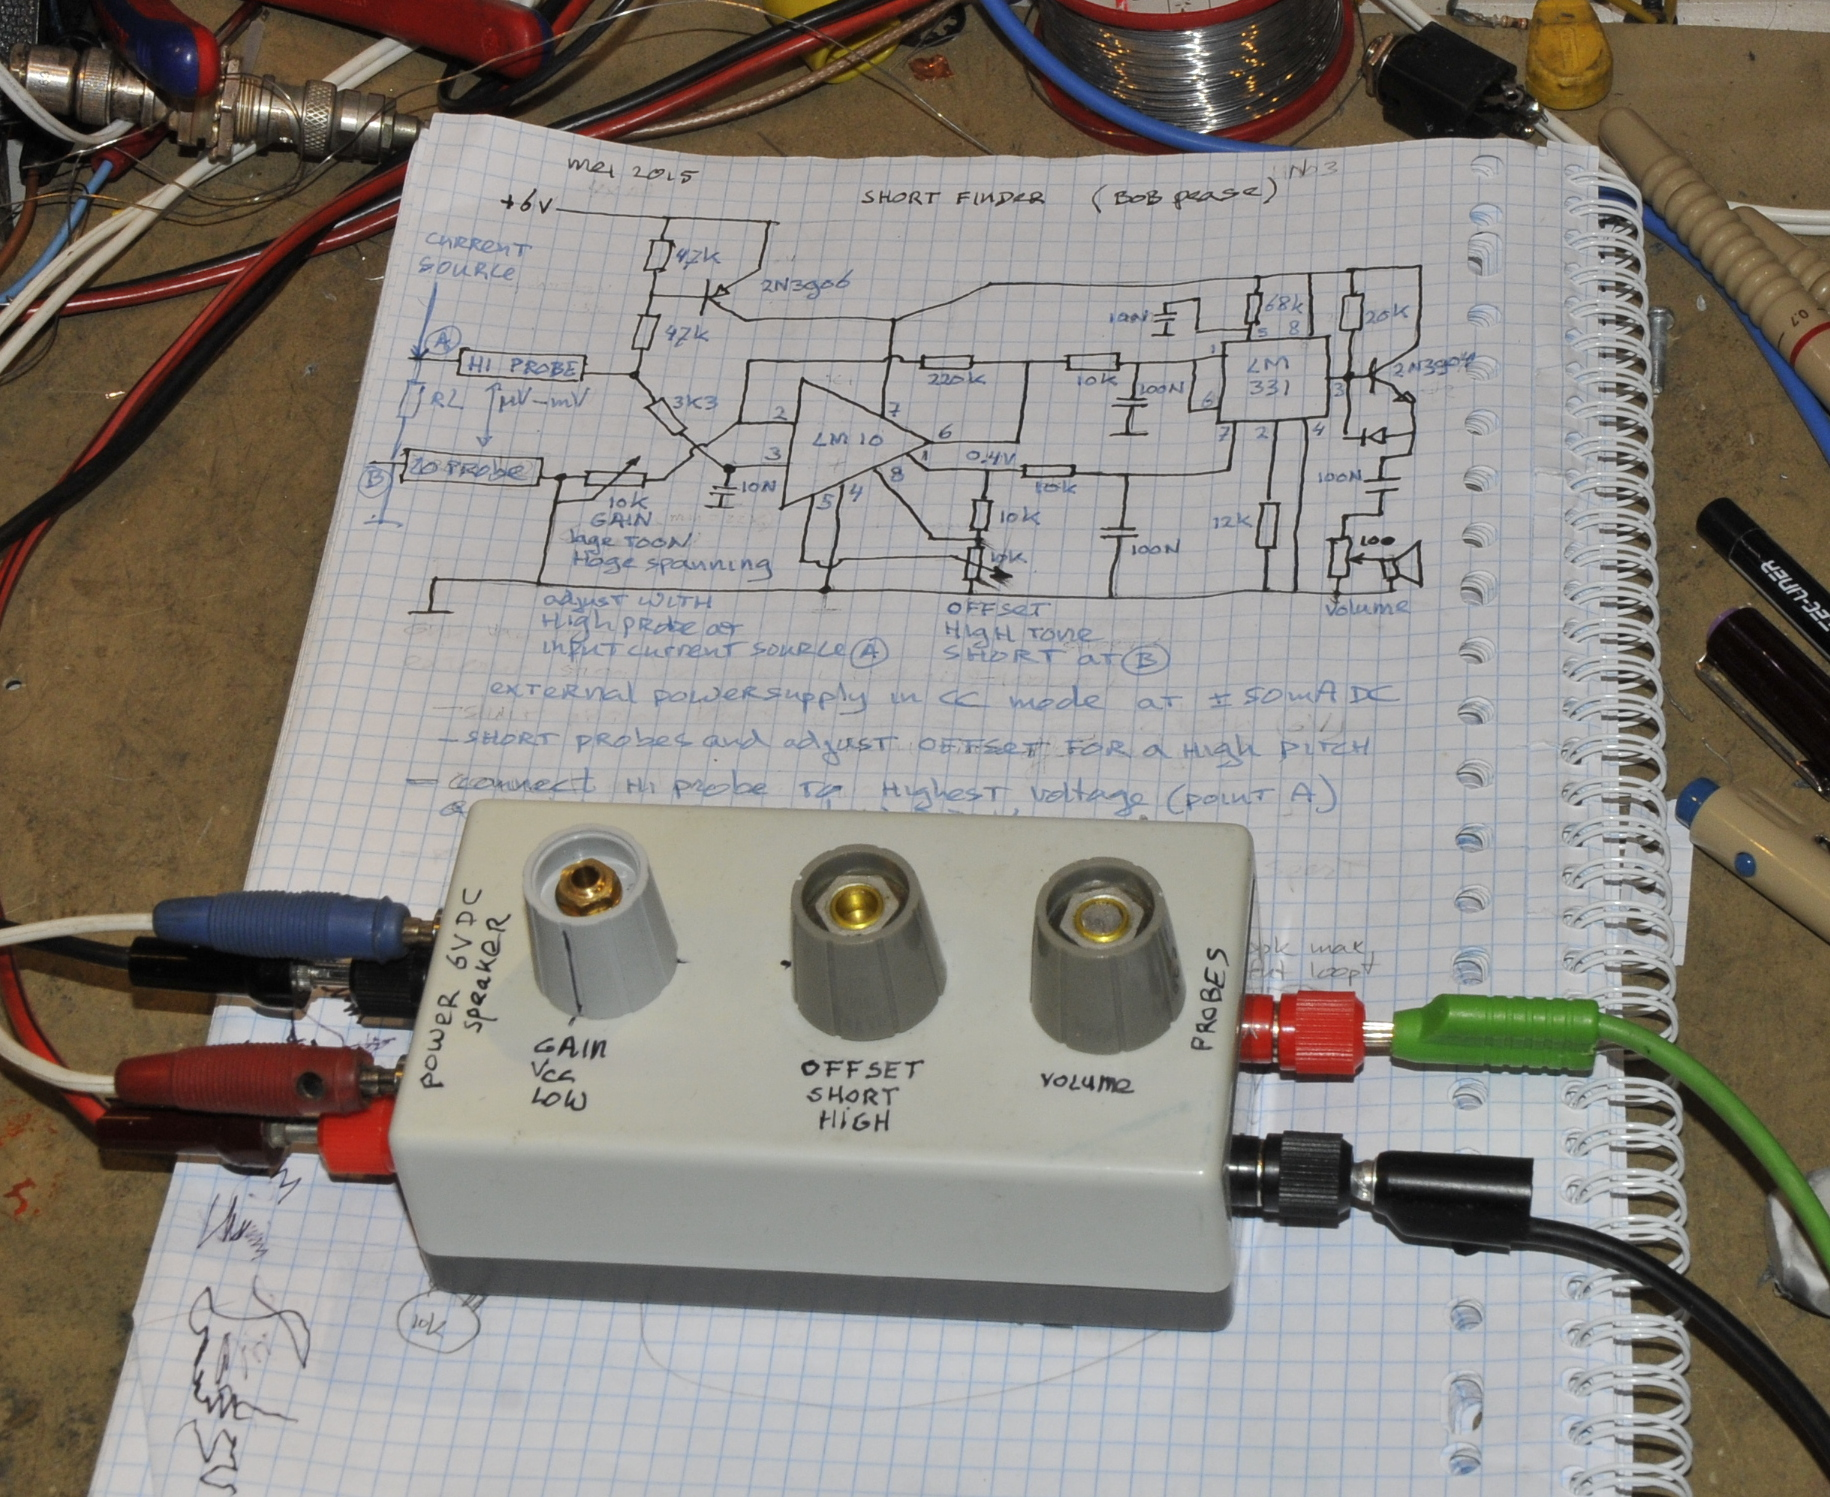 Short circuits finding | PA4TIM\'s opvangtehuis voor buizenbakken